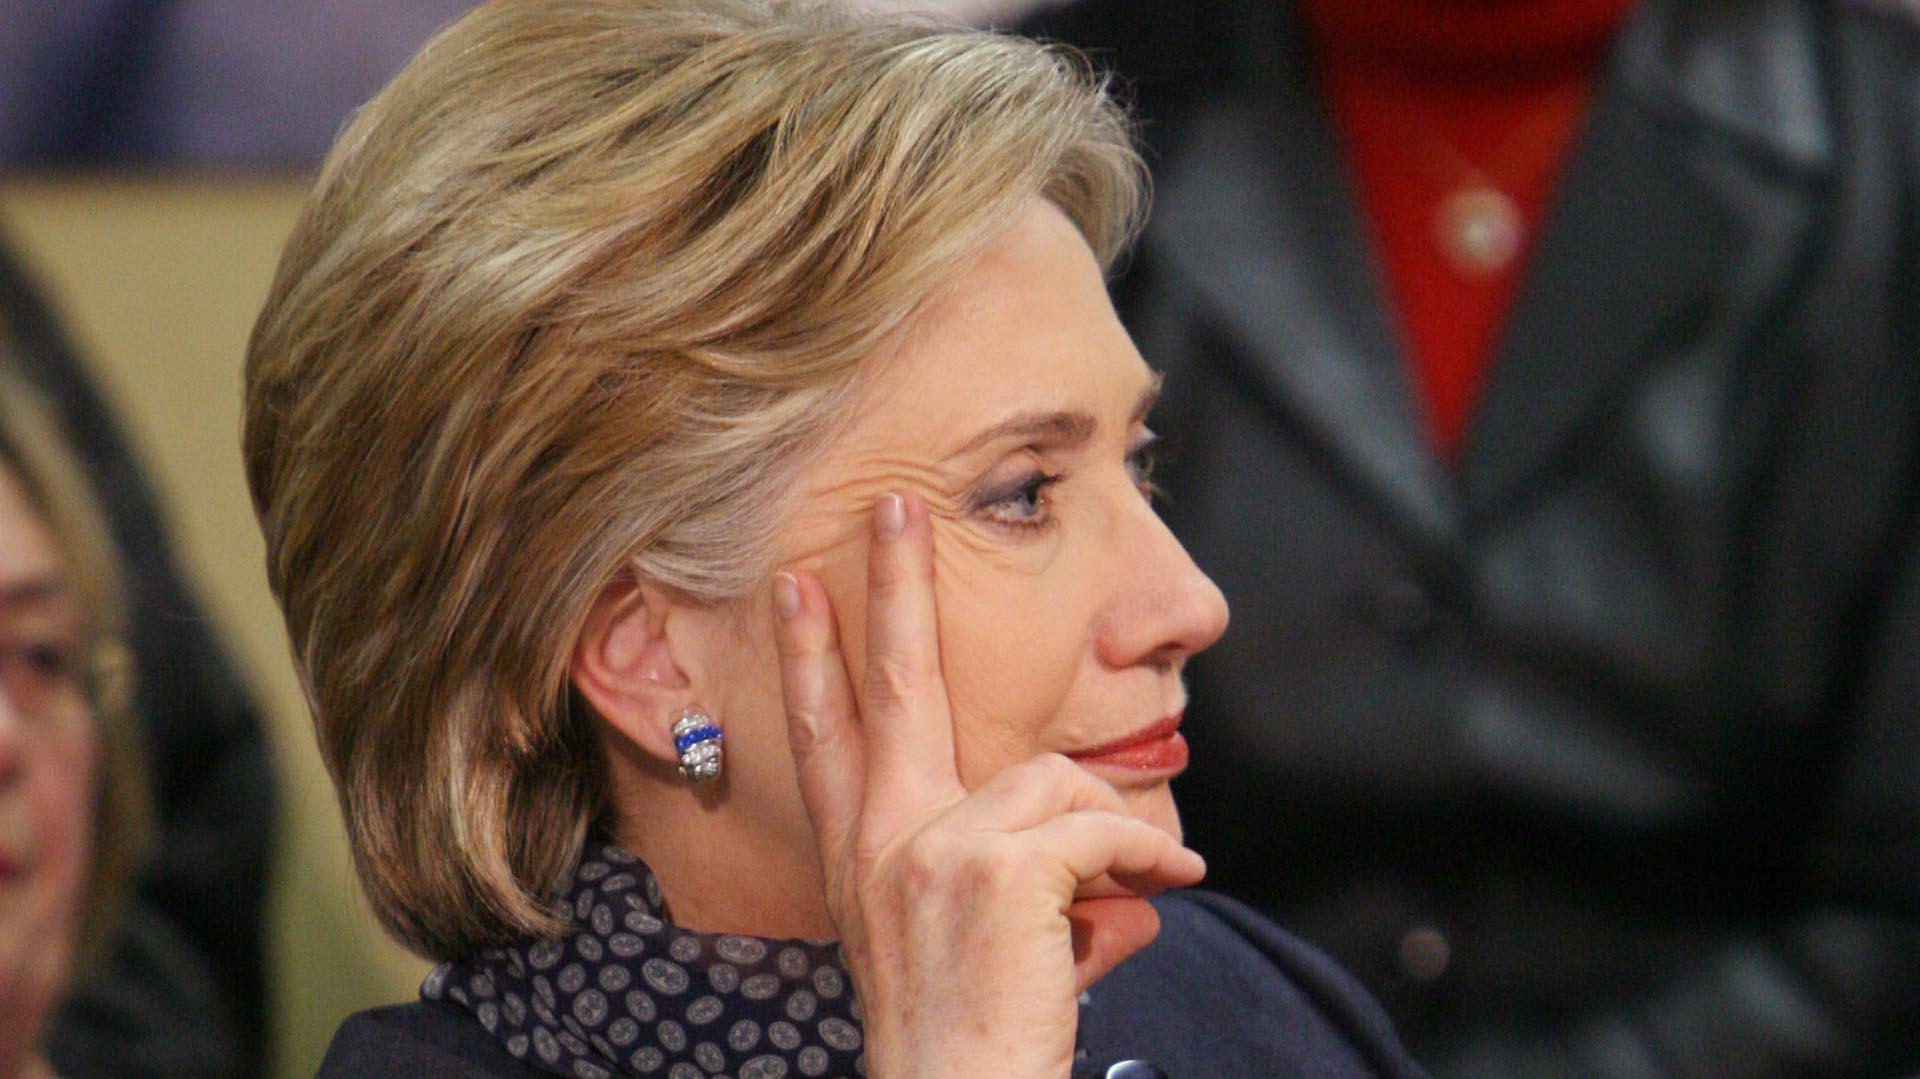 Comey reconoció que pensaba que Hillary Clinton ganaría las elecciones de EEUU (Getty Images)